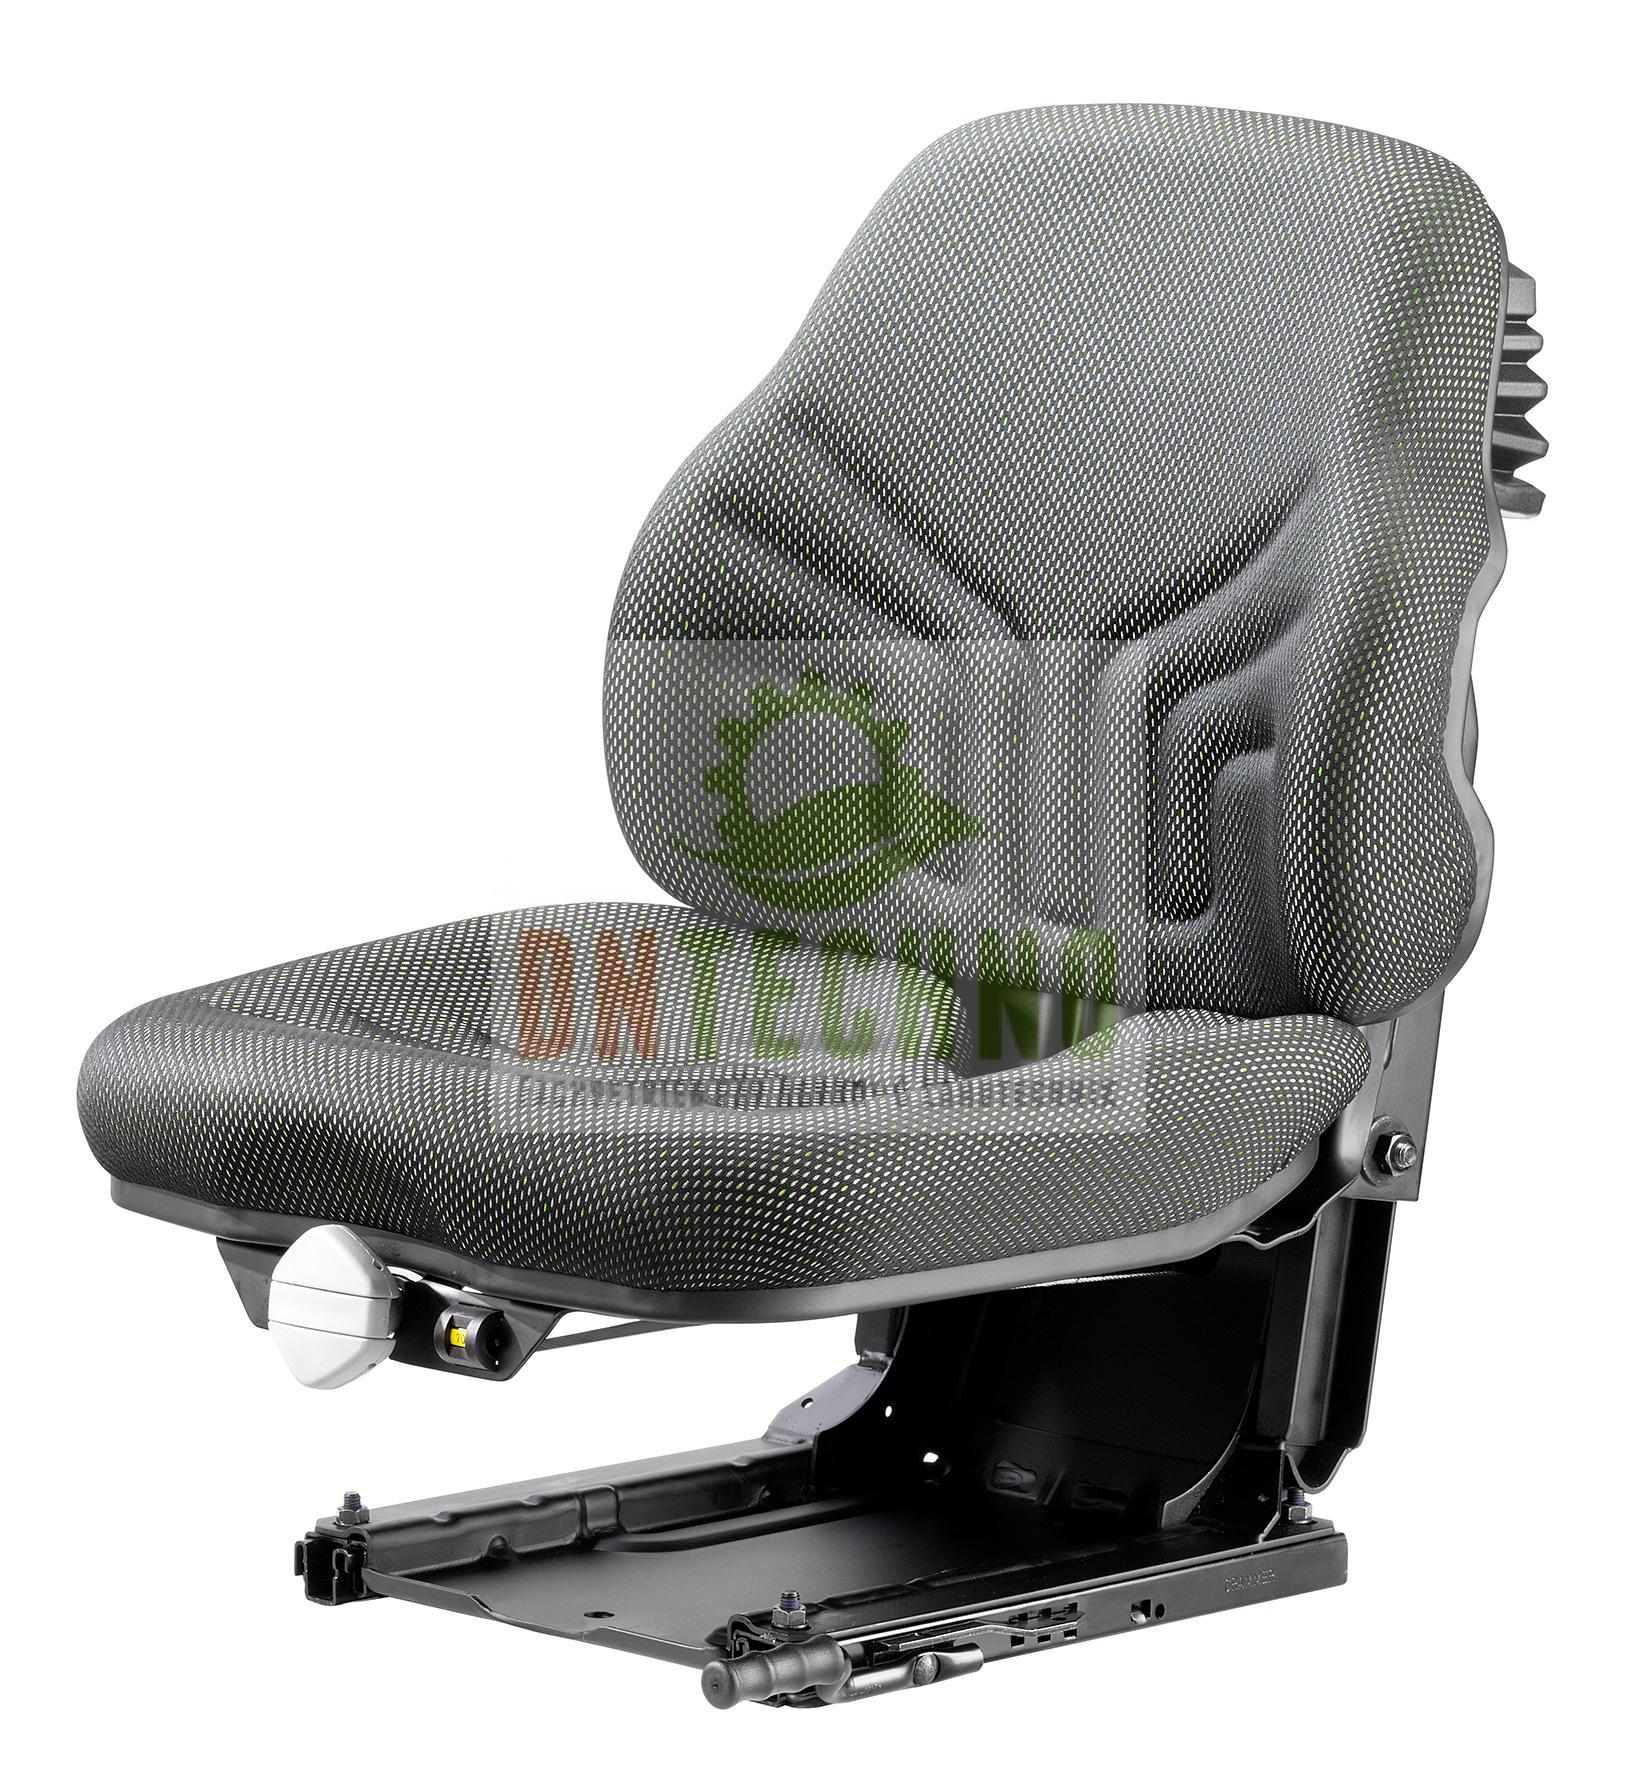 grammer universo basic msg 44 520 schleppersitz. Black Bedroom Furniture Sets. Home Design Ideas